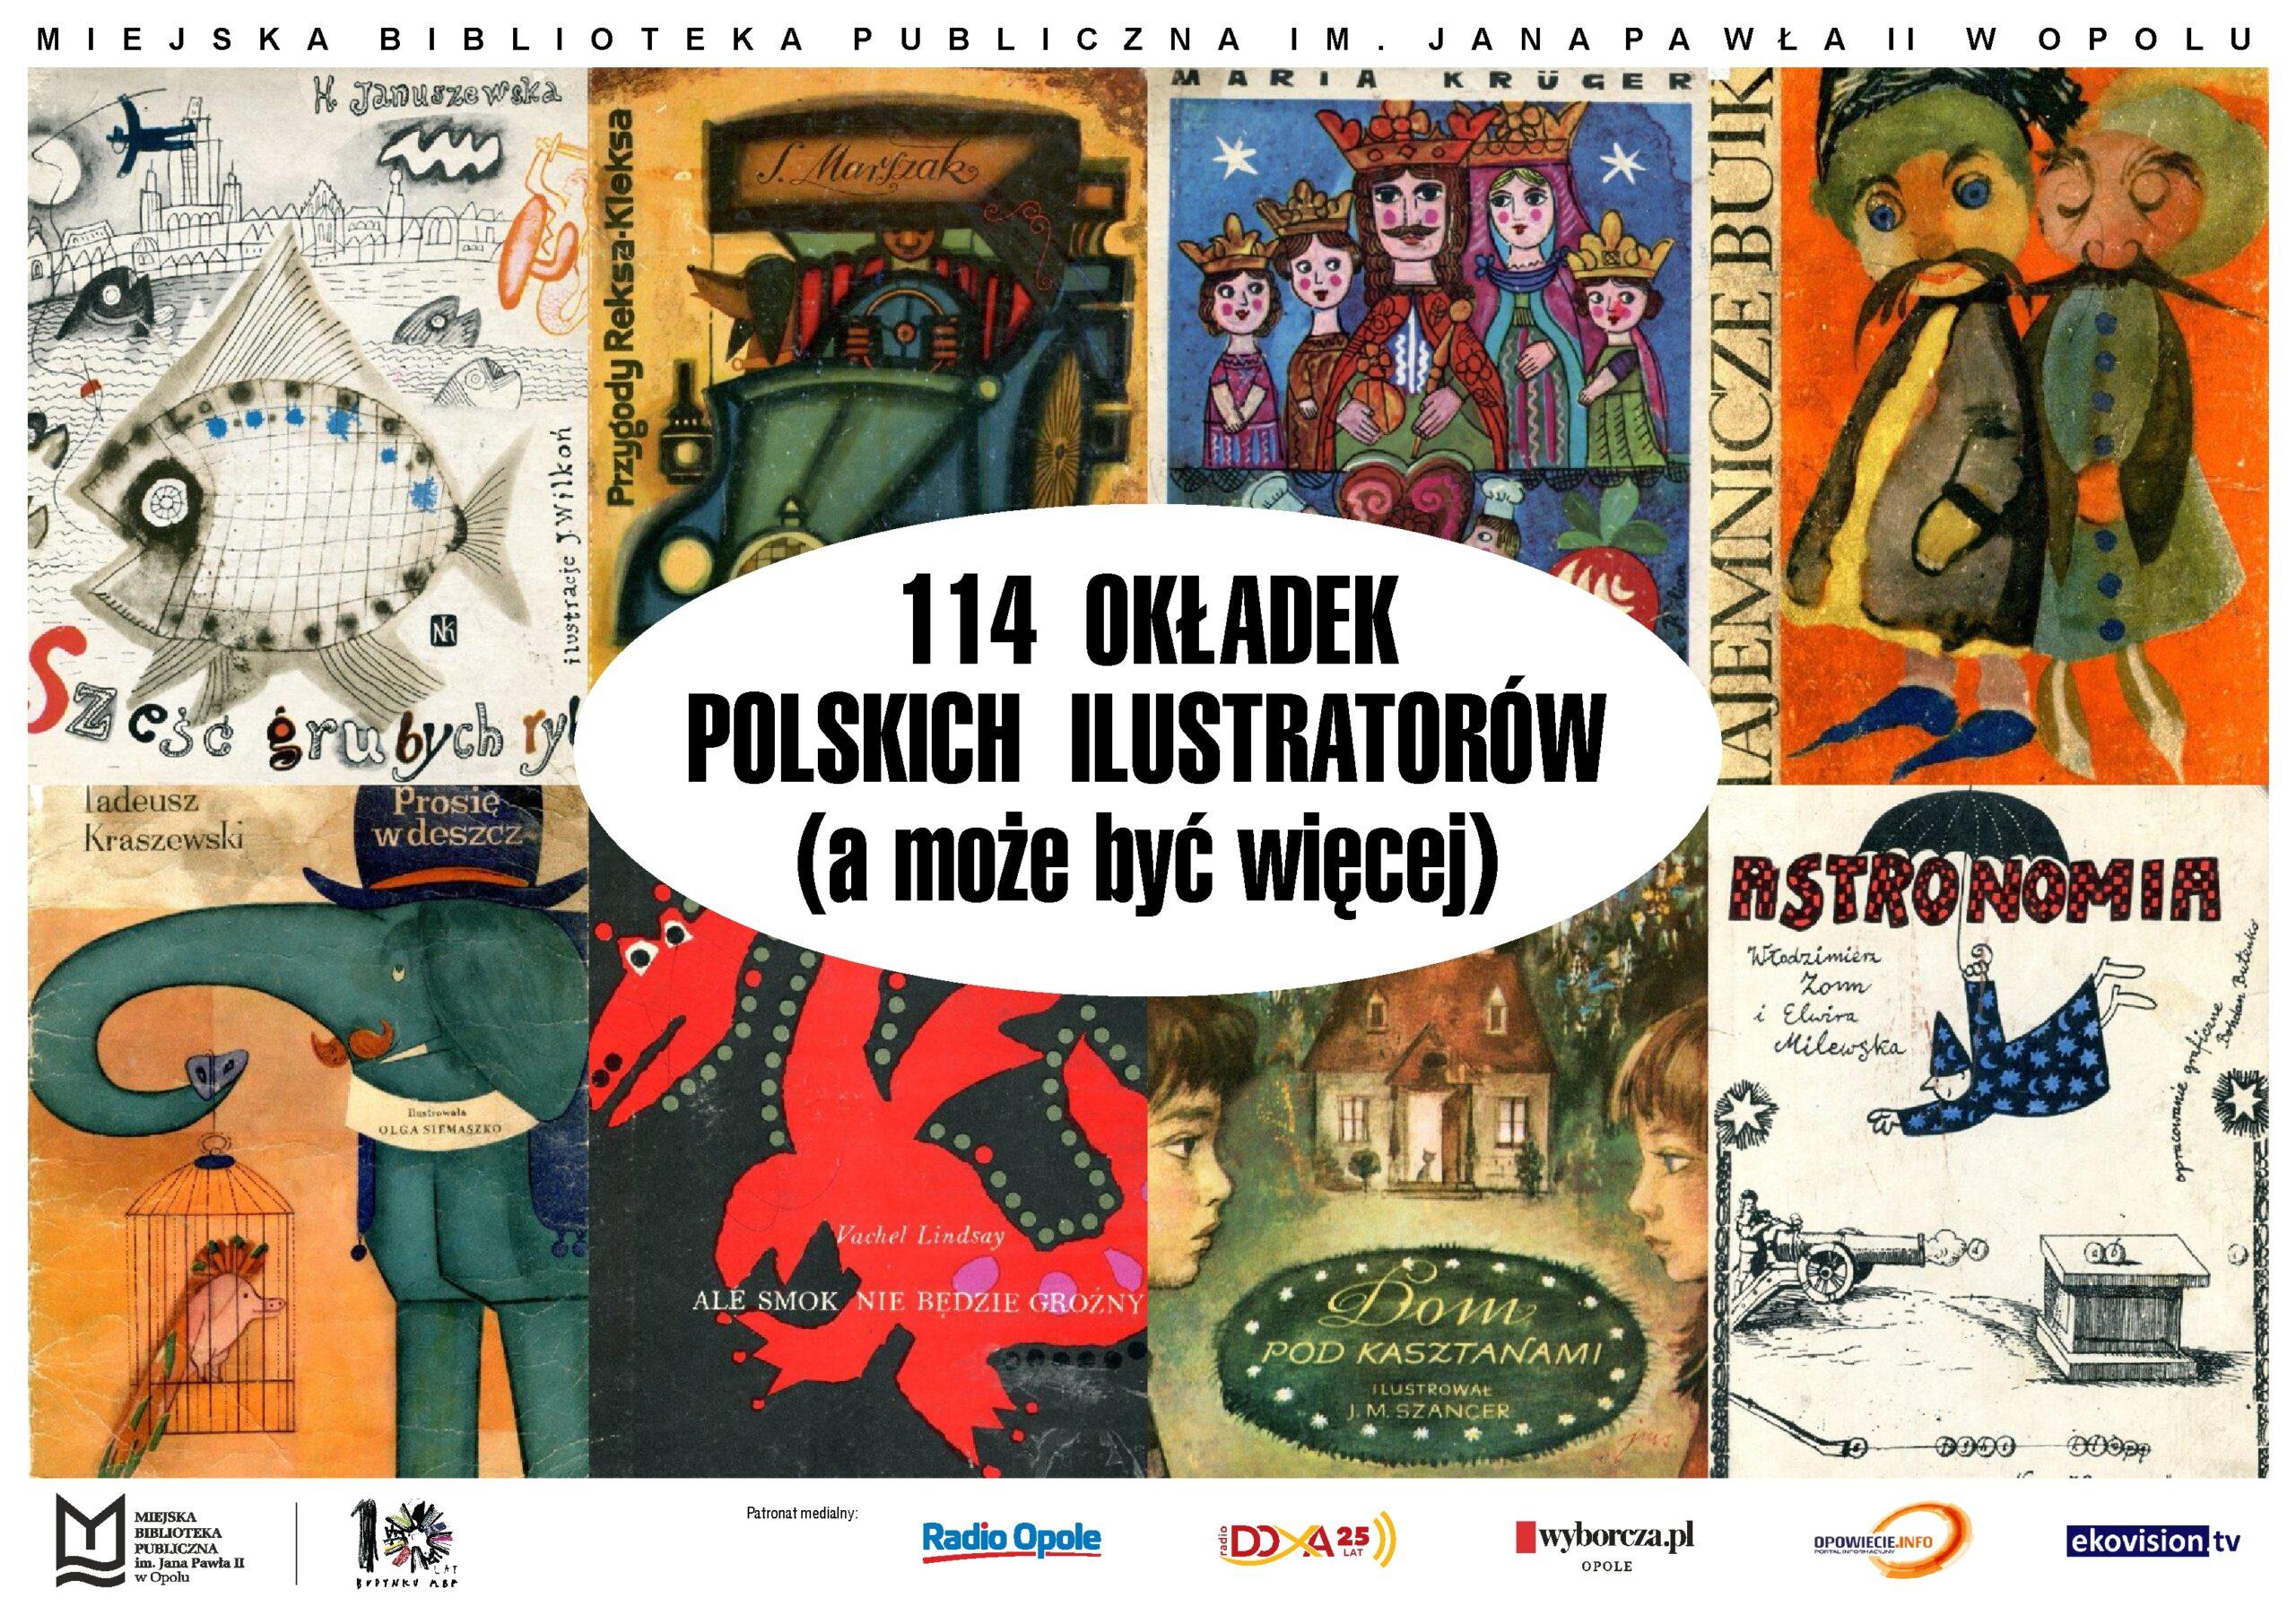 114 okładek polskich ilustratorów (a może być więcej)